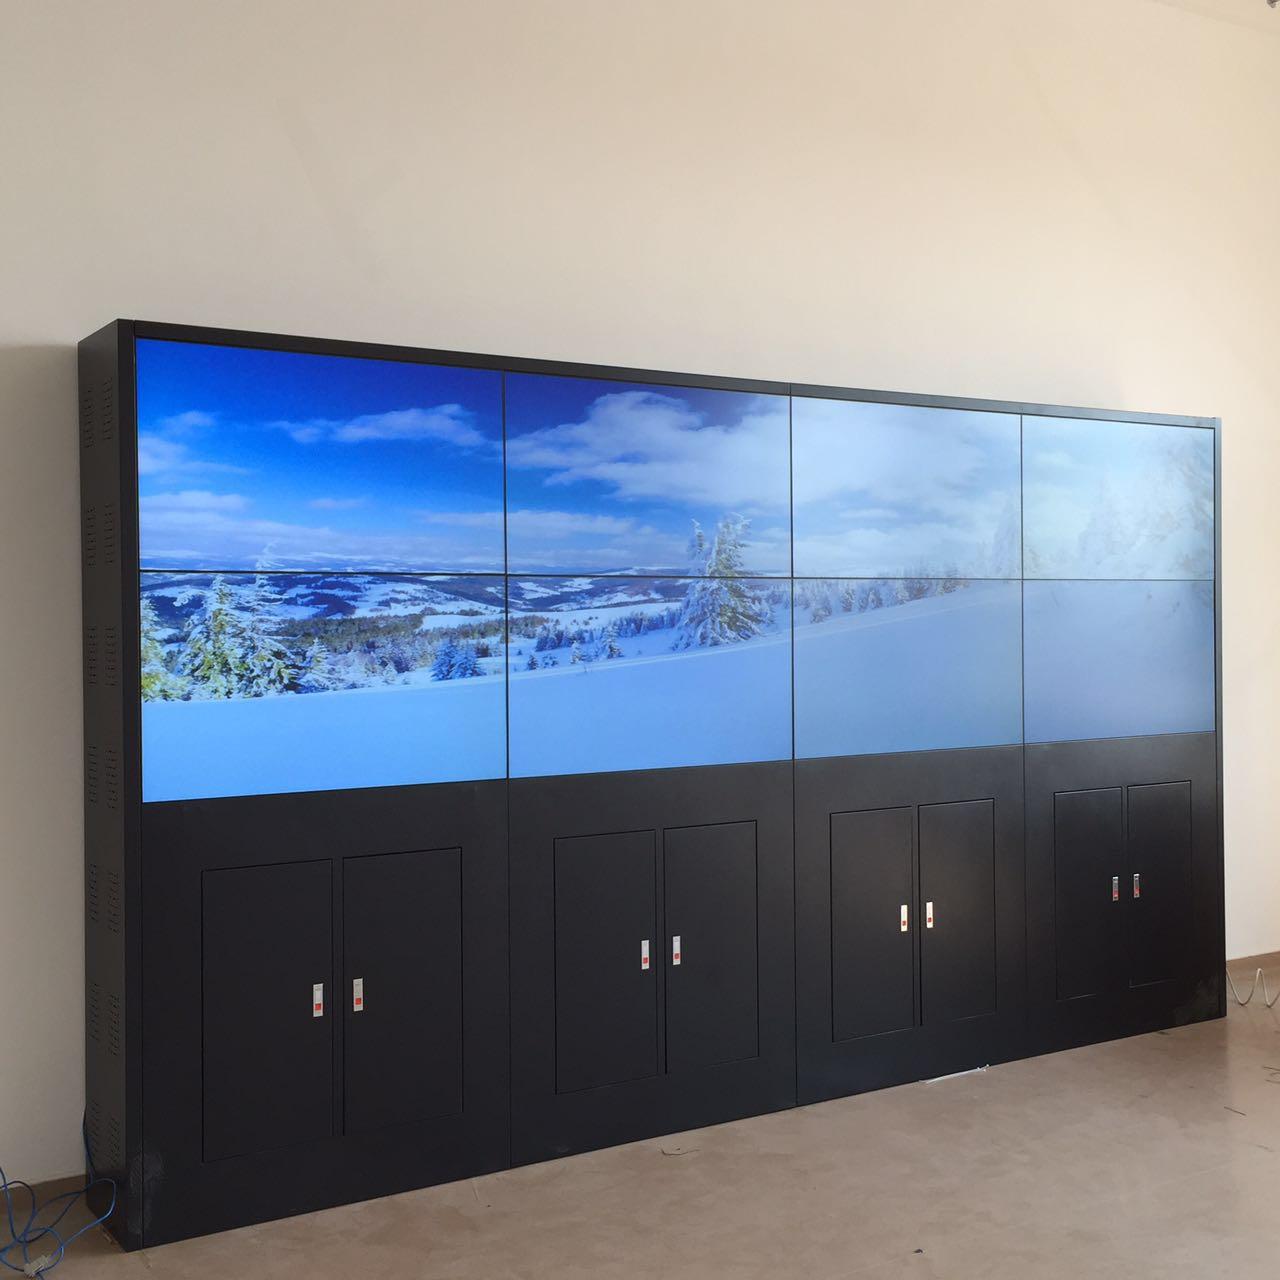 中国十大LCD液晶拼接屏品牌连续10余年位居前列